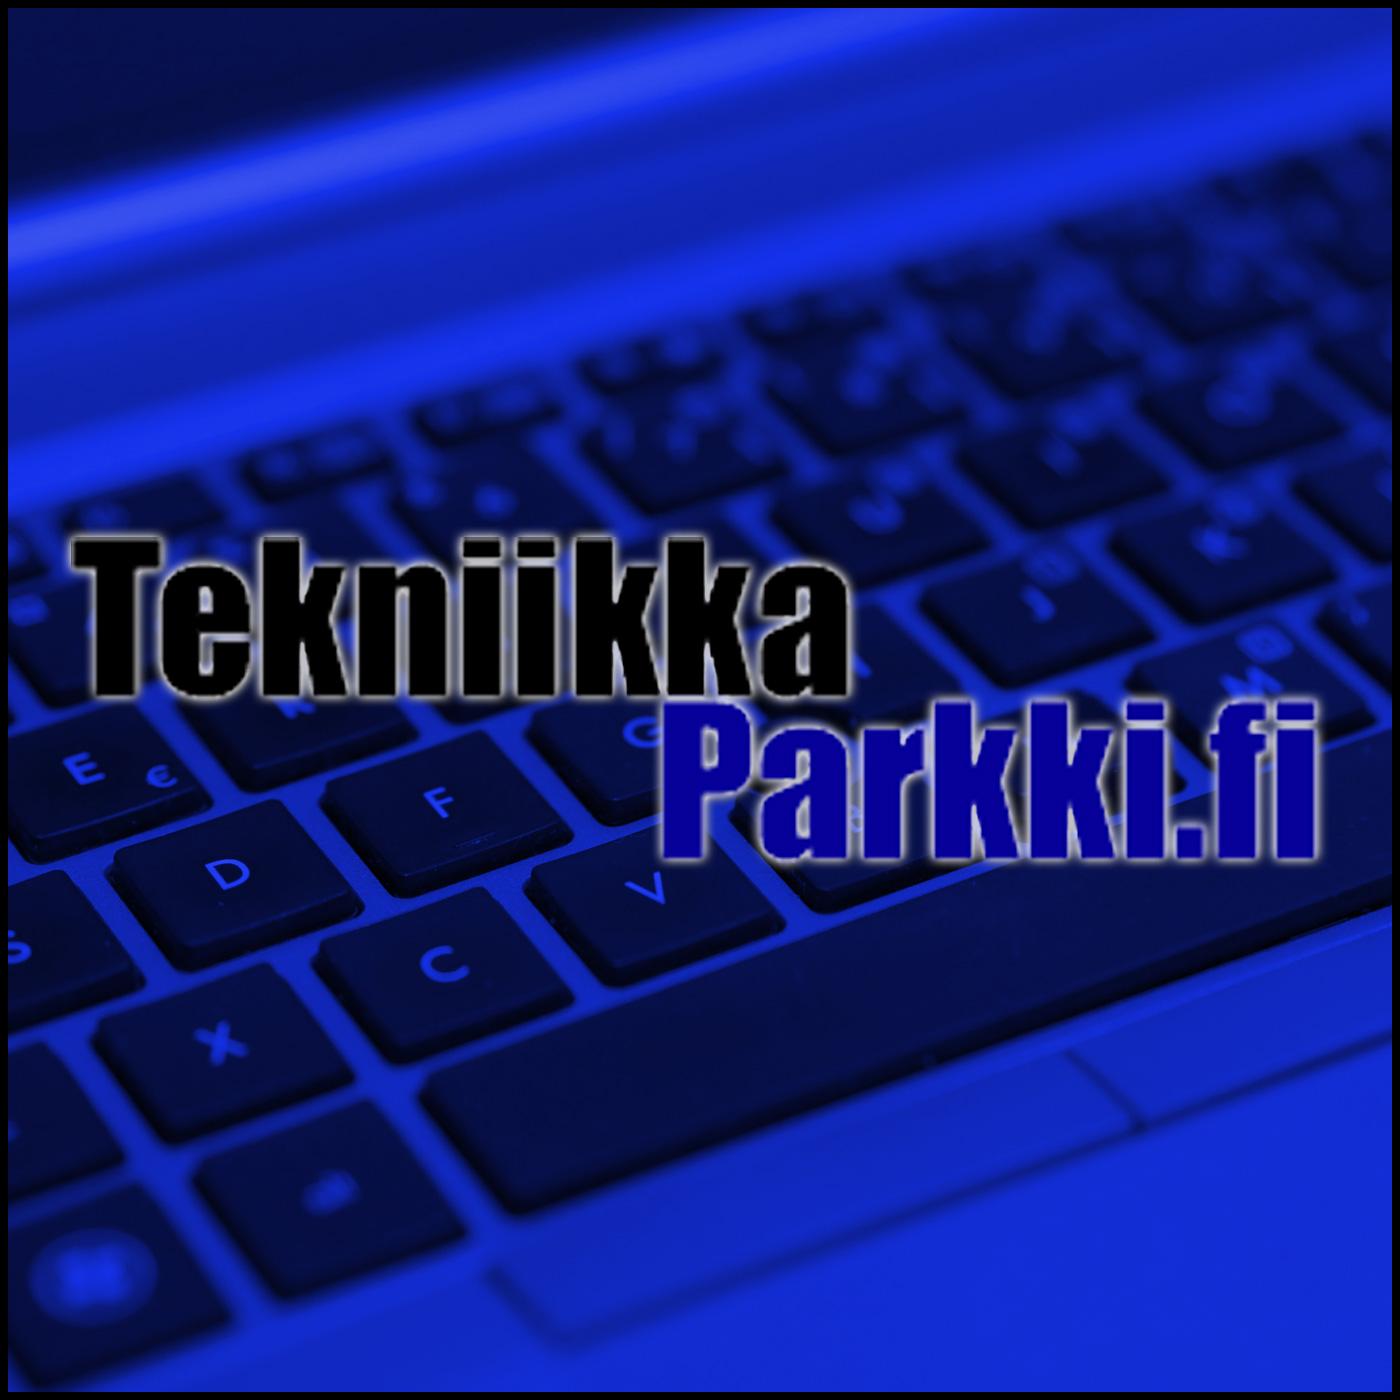 tekniikkaparkki_logo_sininen_2